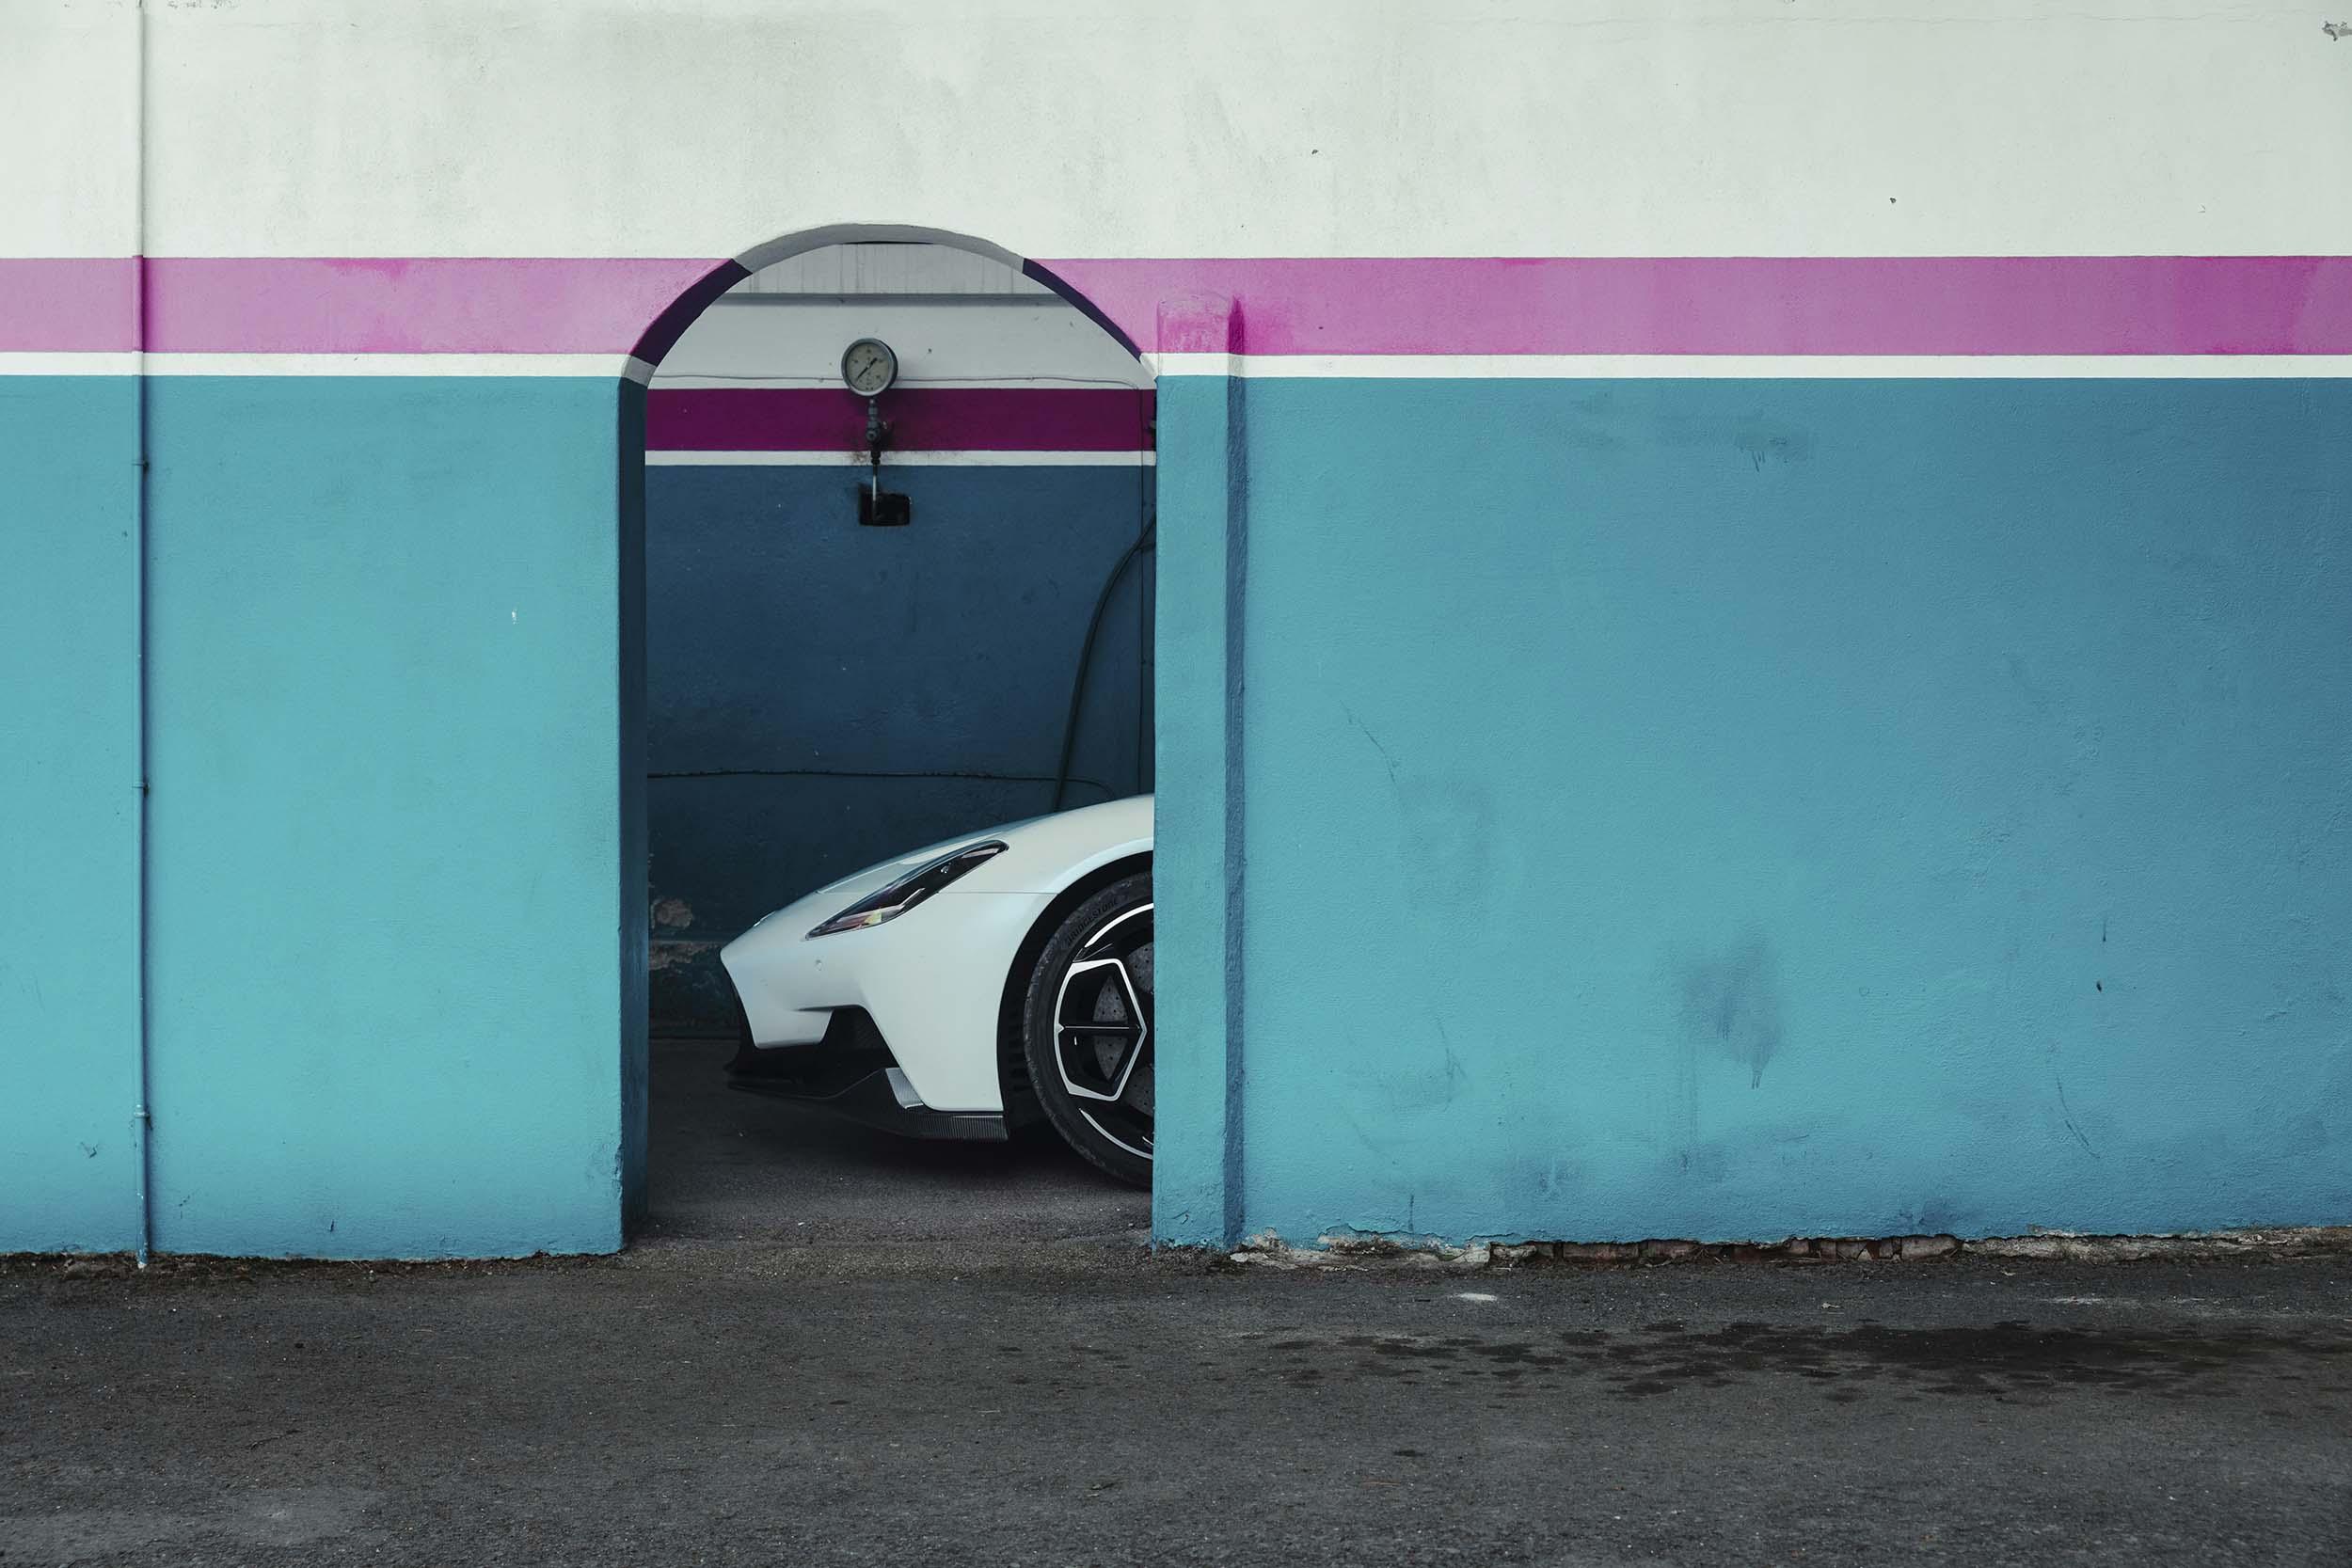 Maserati MC20 achter een muur